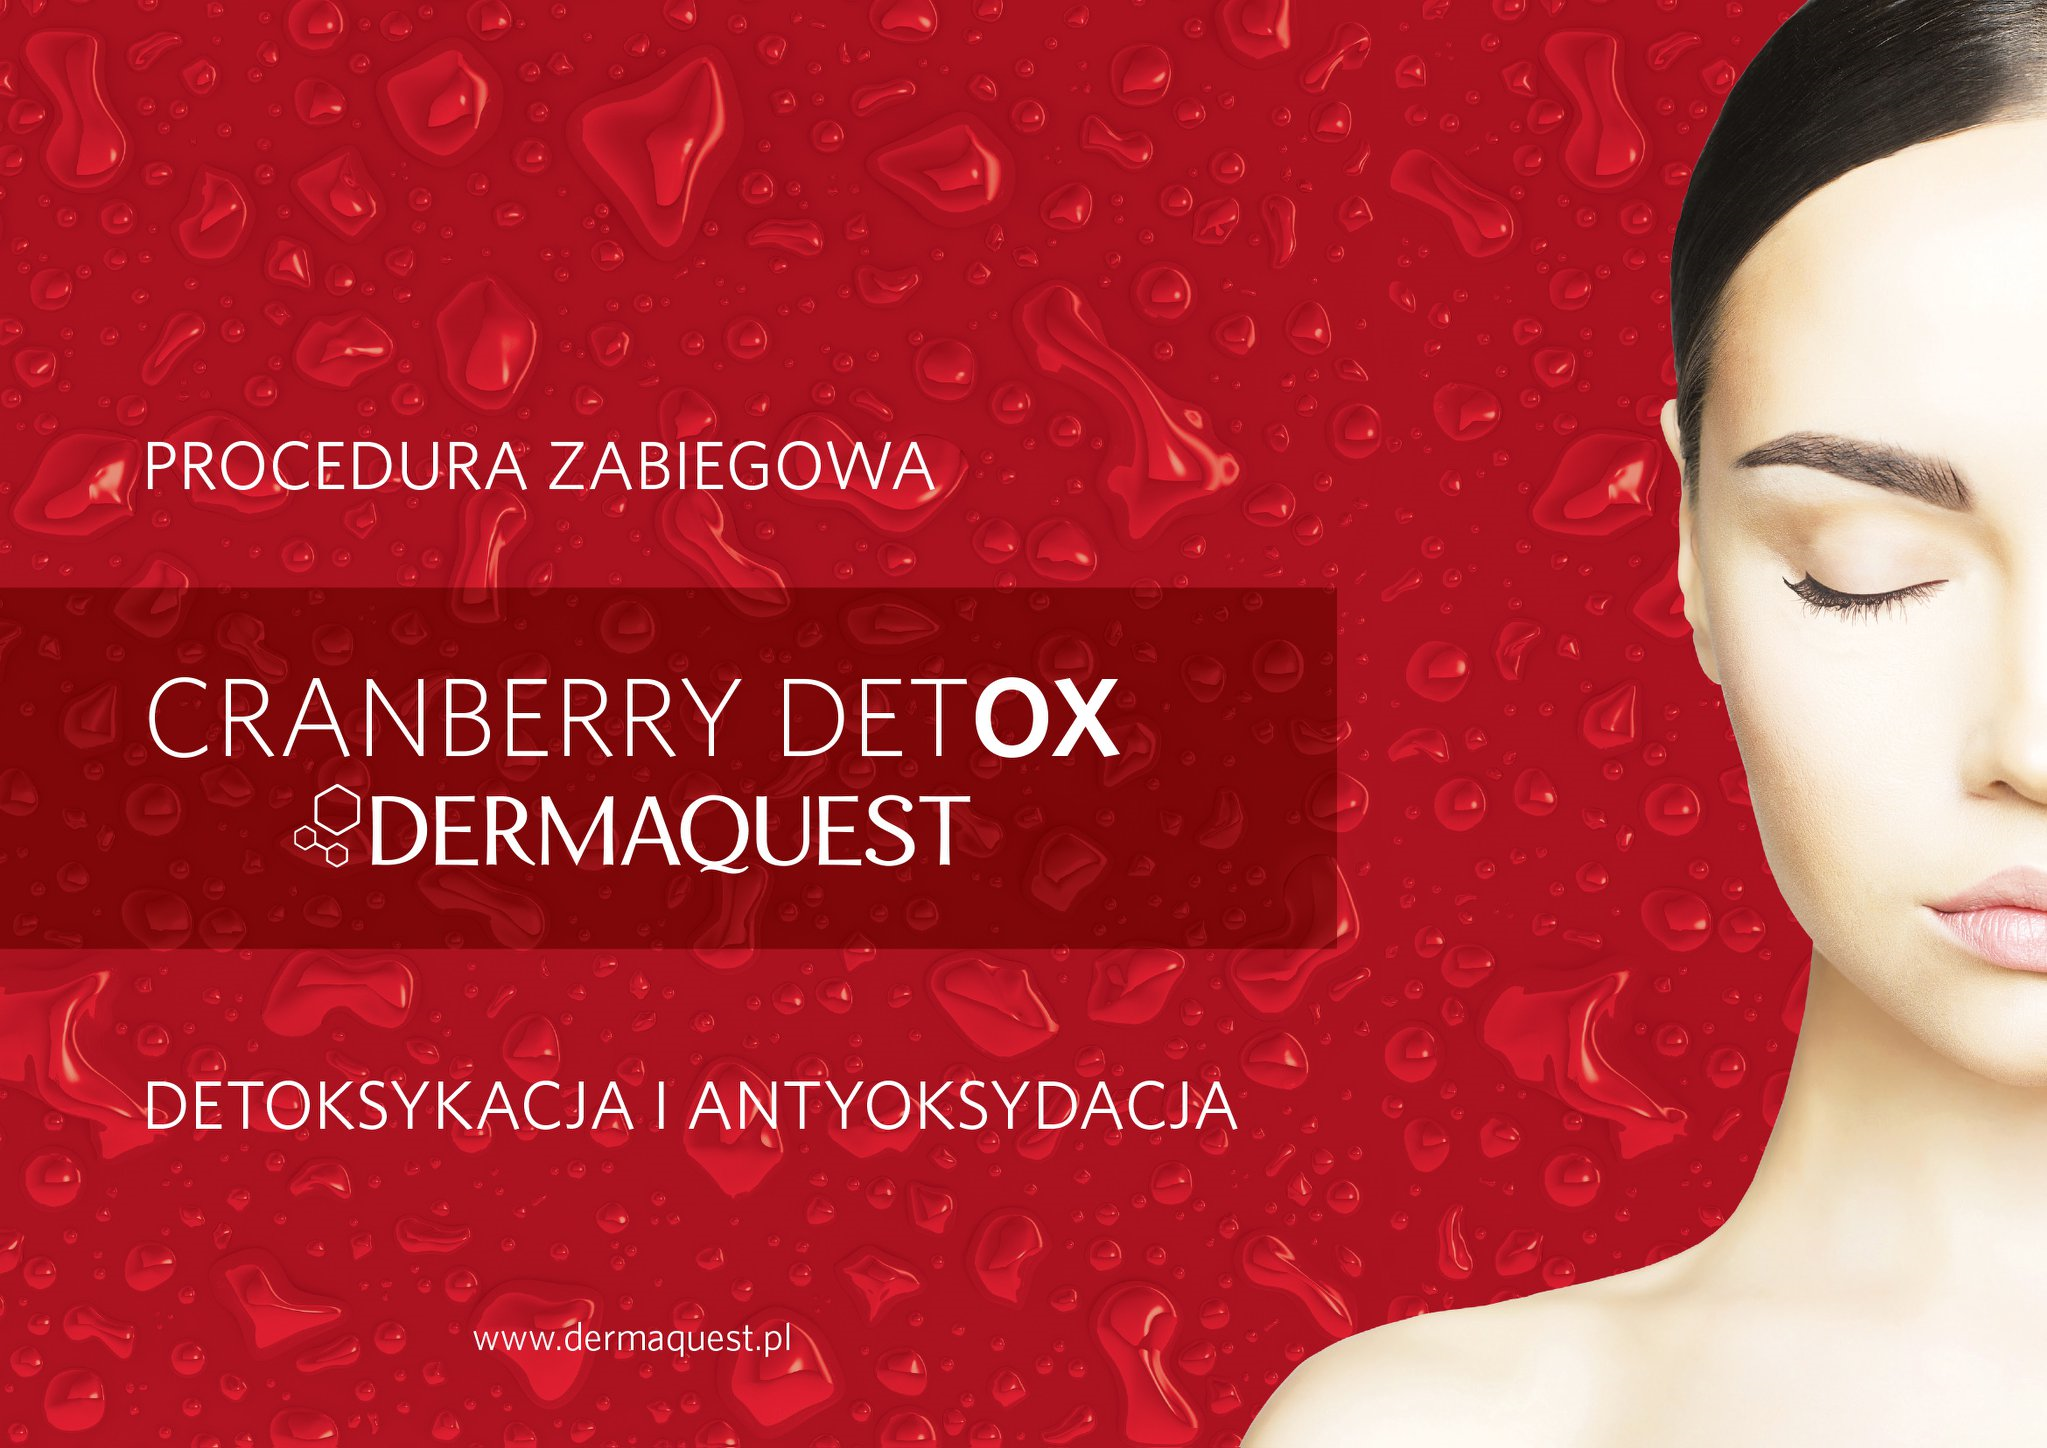 Cranberry Detox DermaQuest